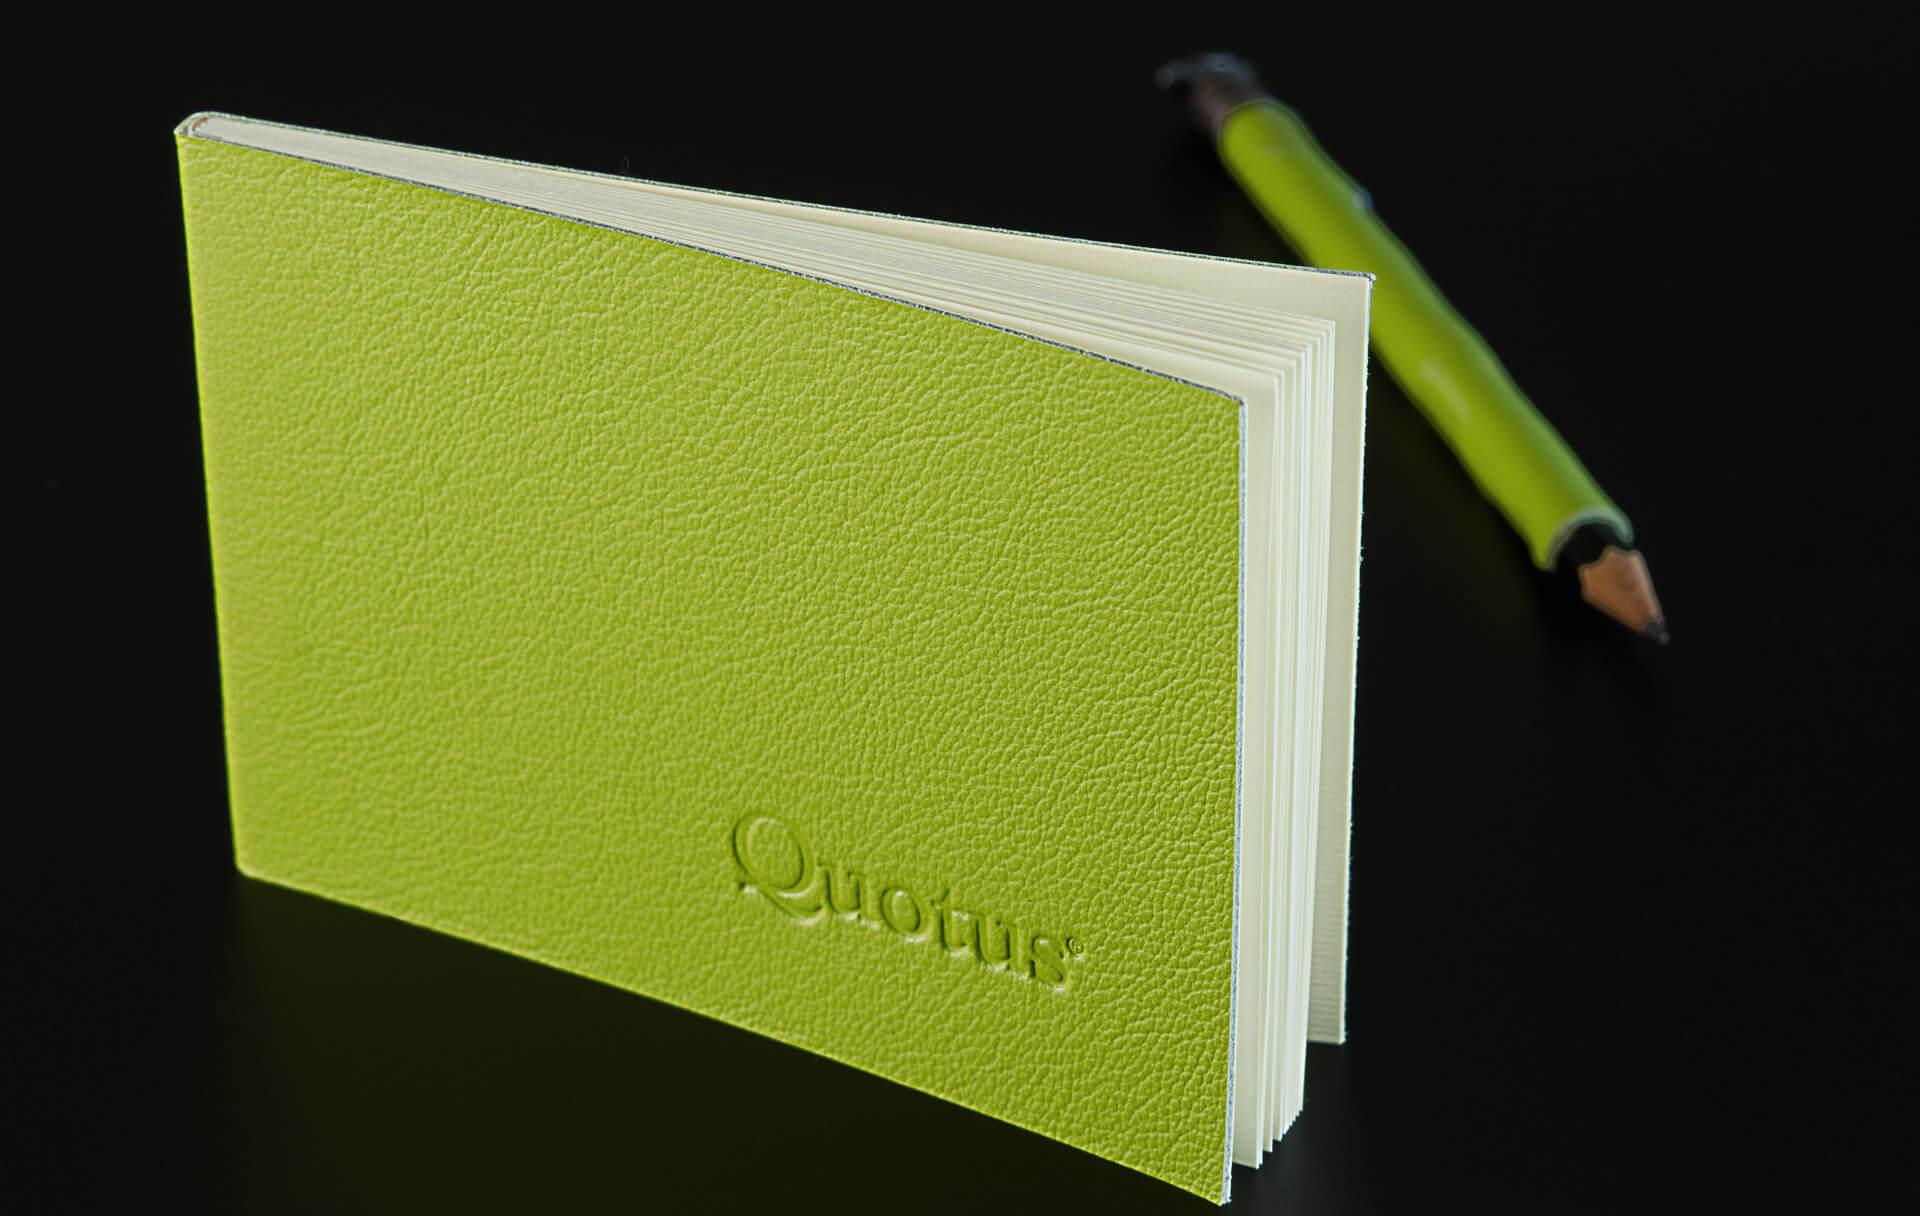 Cartoleria in pelle Quotus - Mini Block Notes a righe Pavra, colore verde